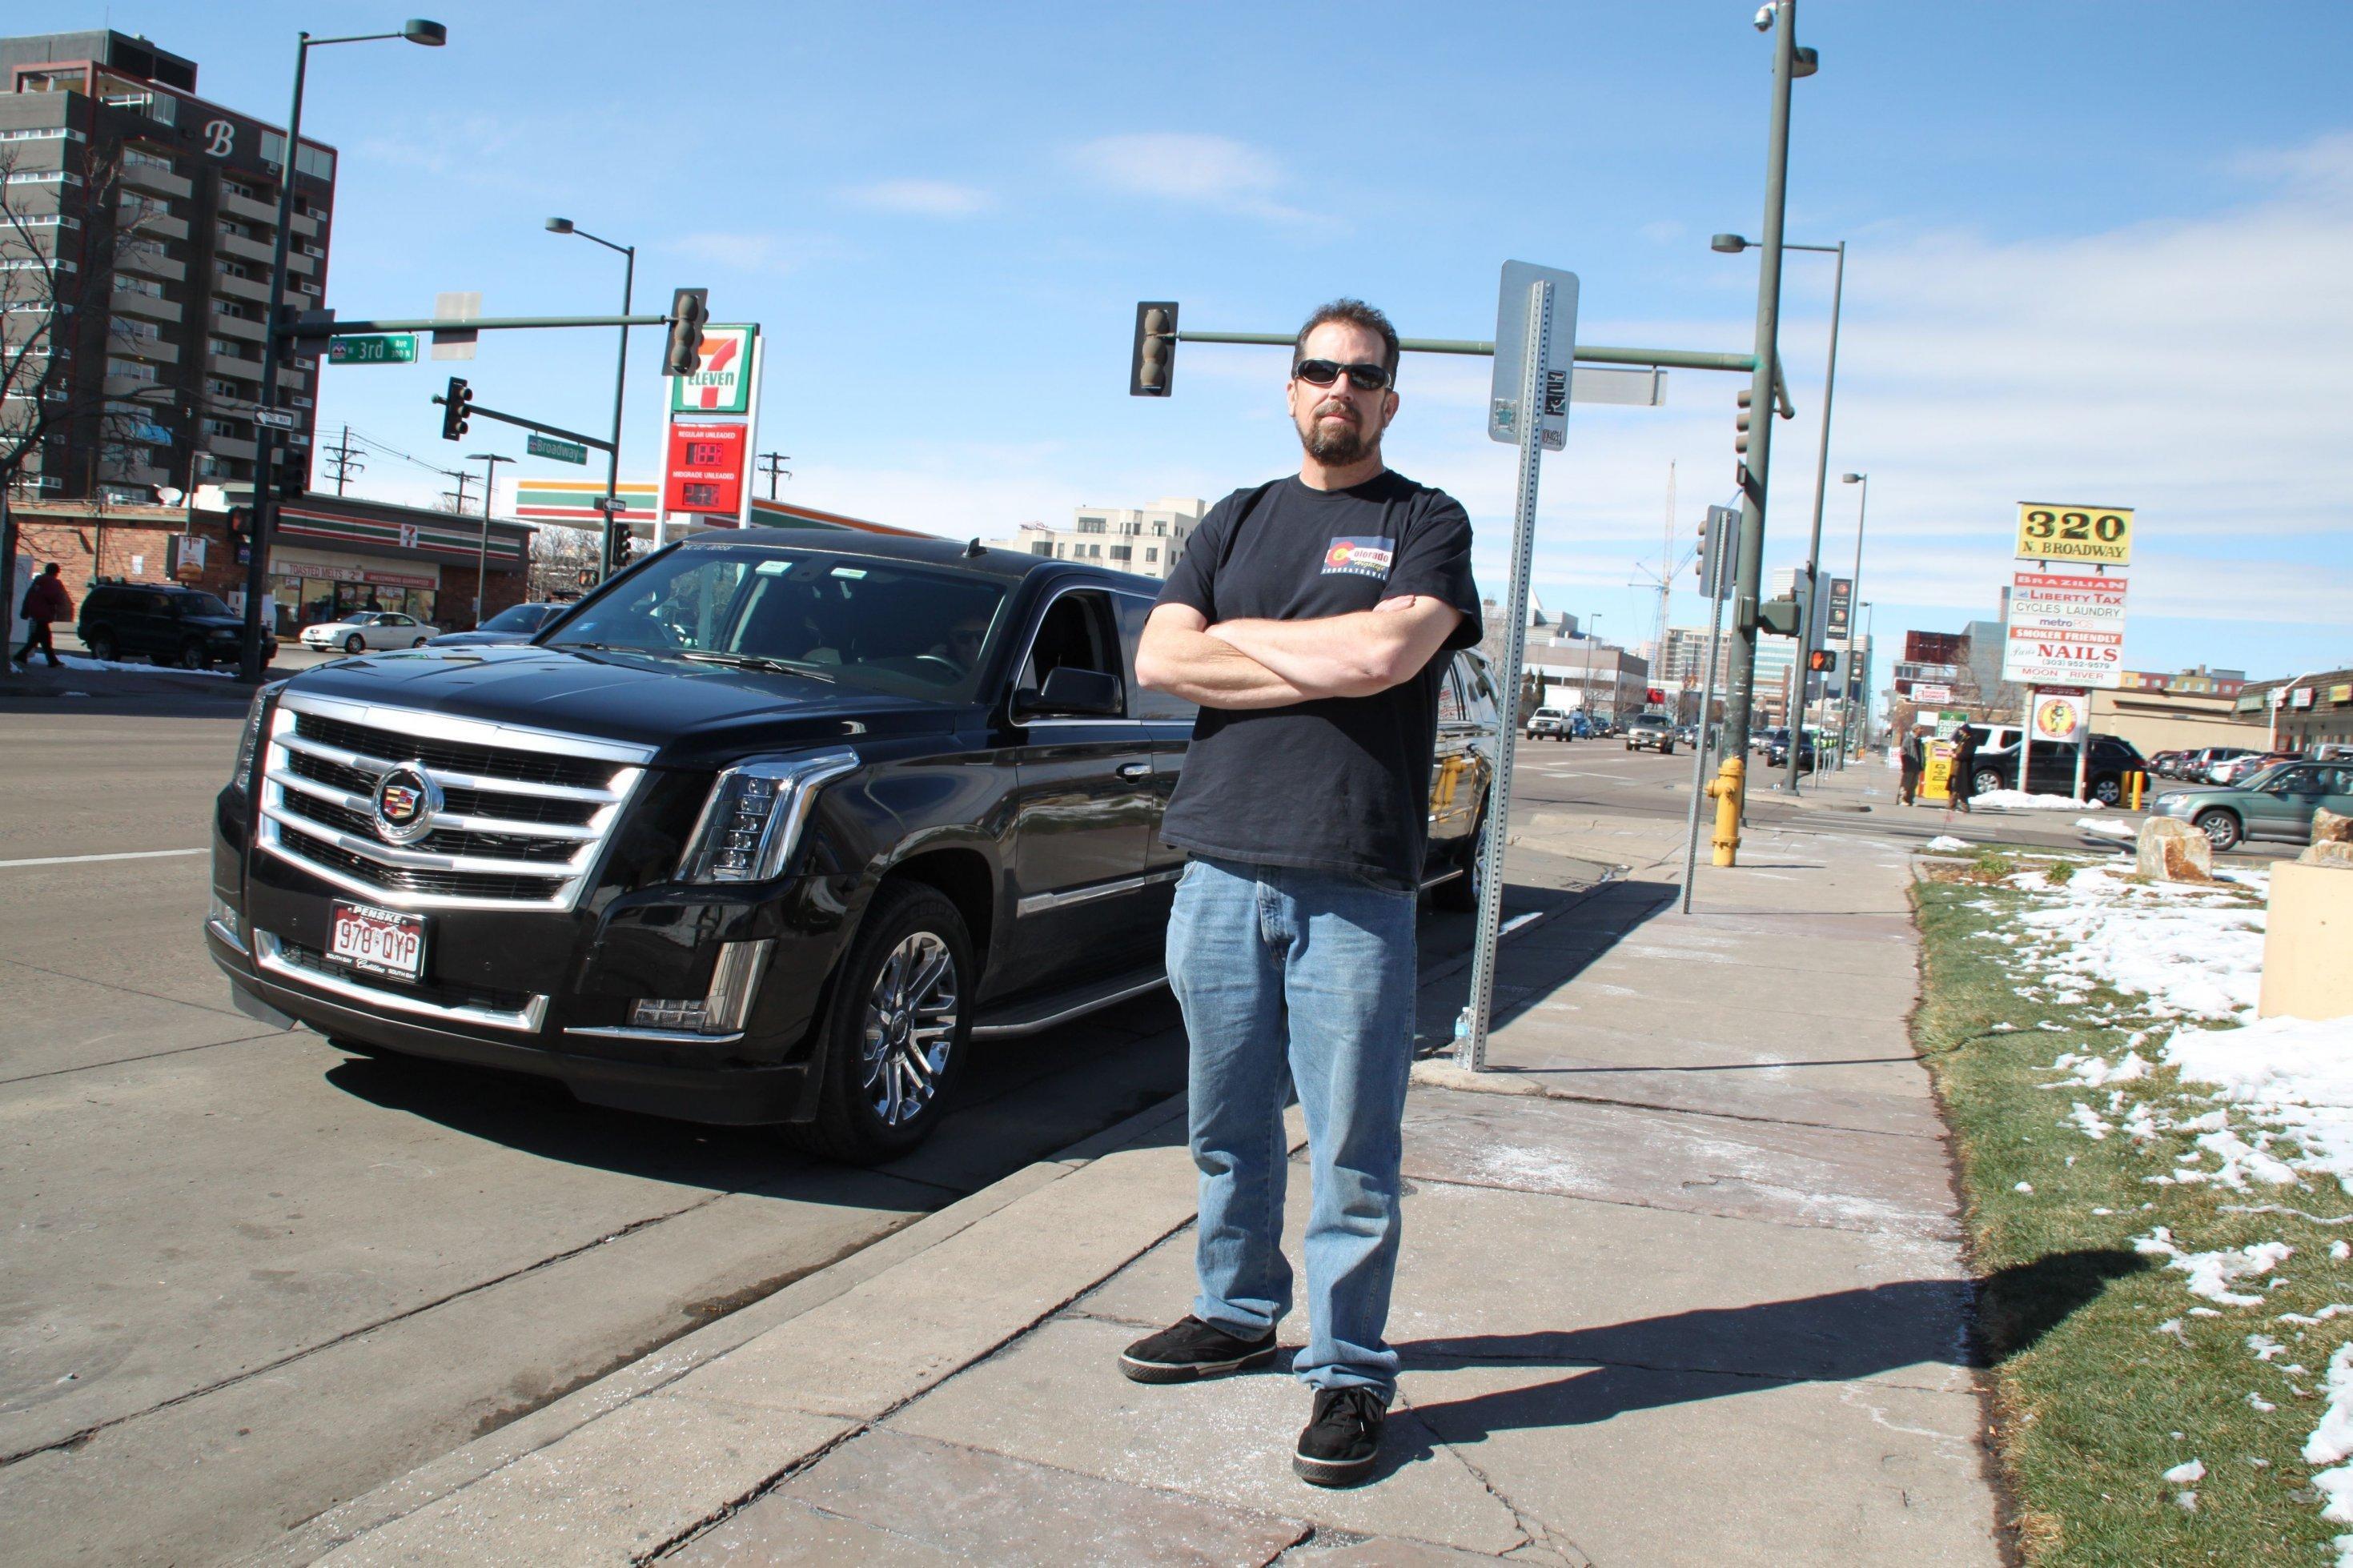 Ein Mann mittleren Alters steht vor einer Luxuslimousine.